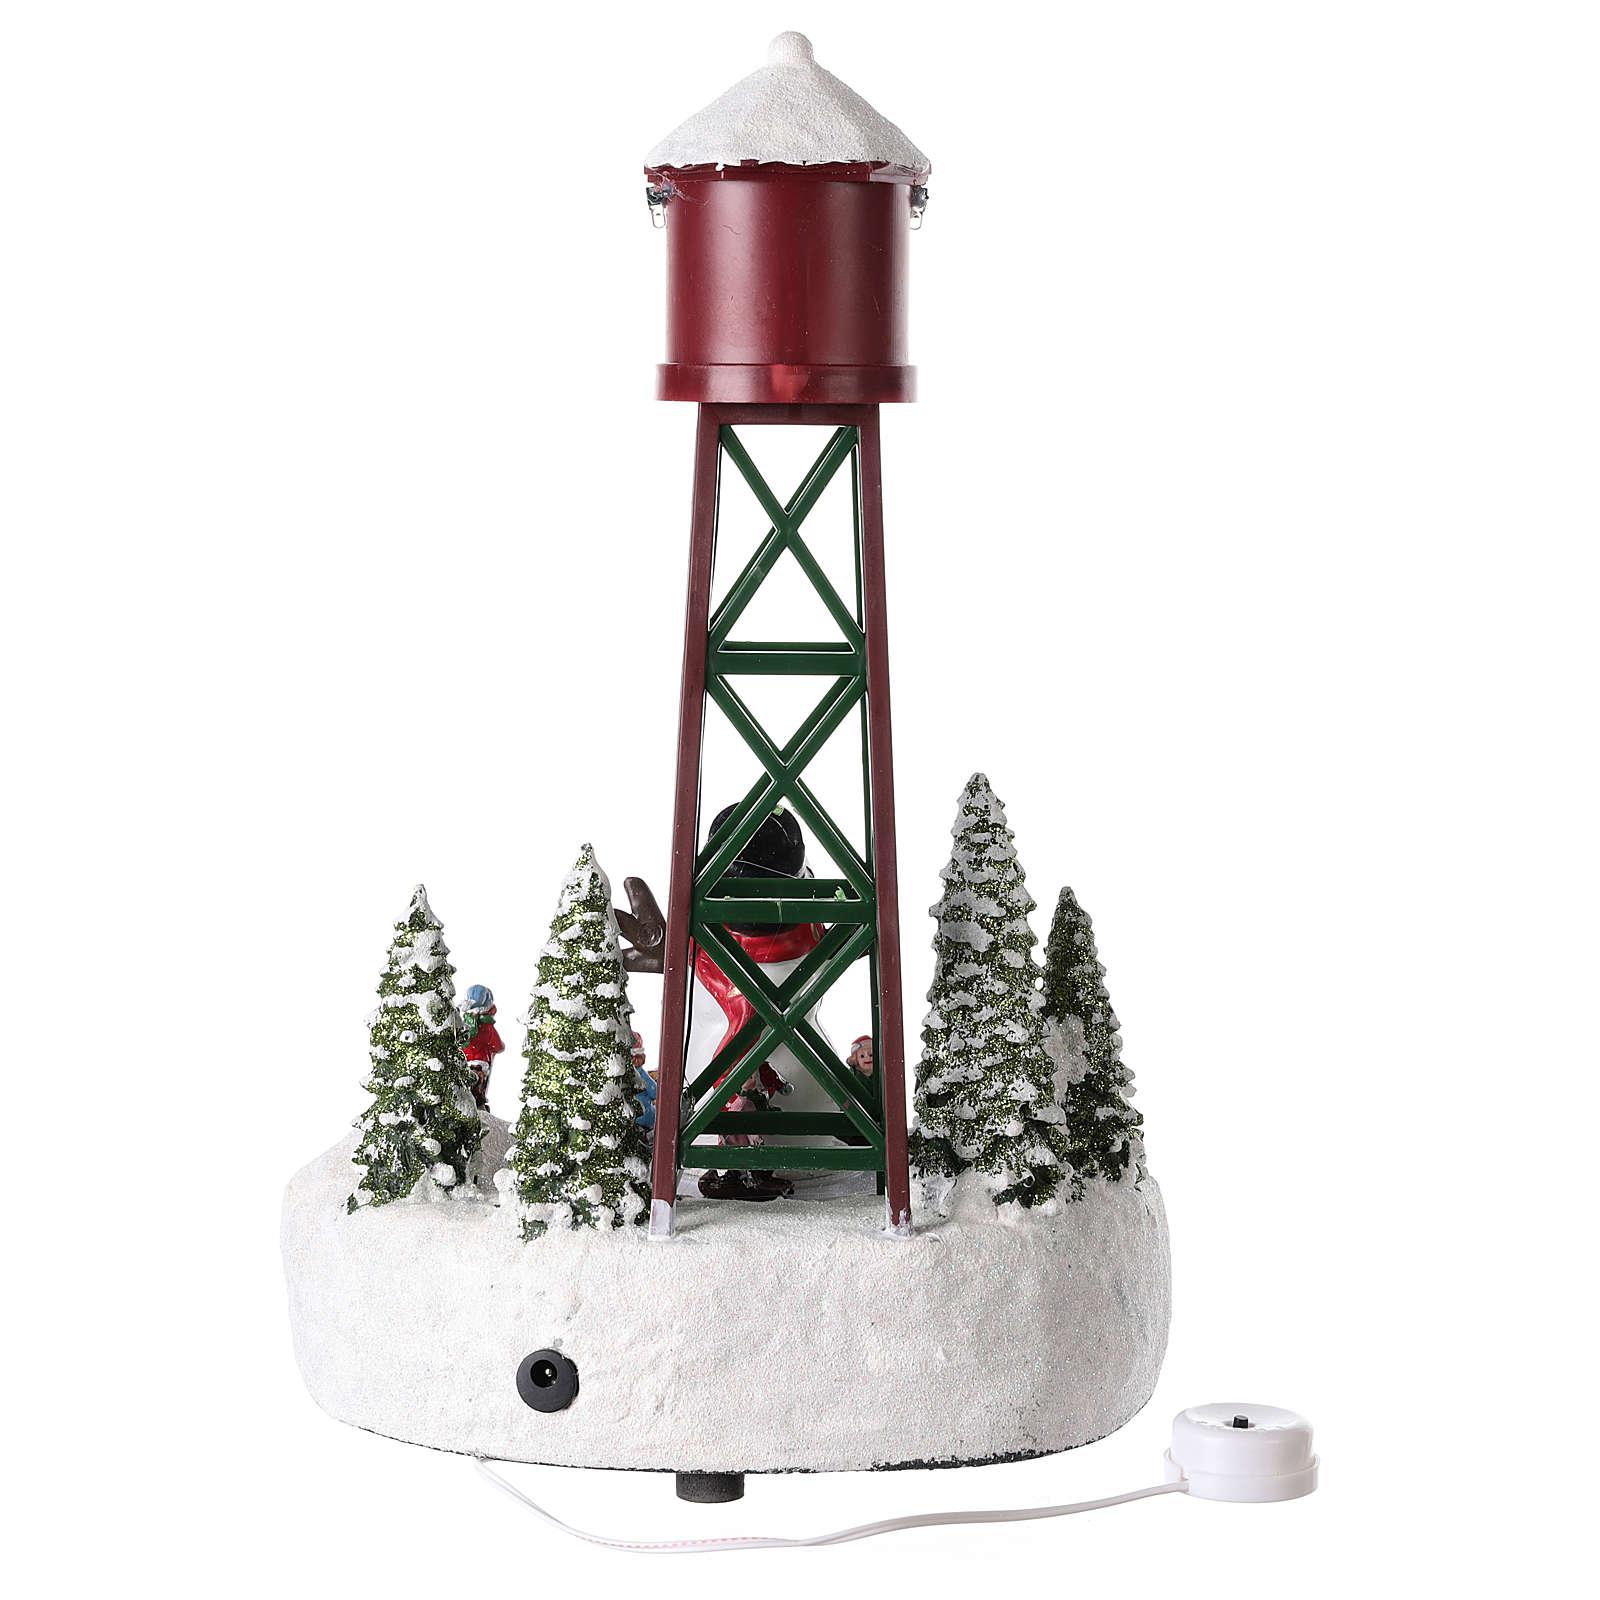 Acquedotto per villaggio di Natale con pupazzo di neve 35x20 cm 3